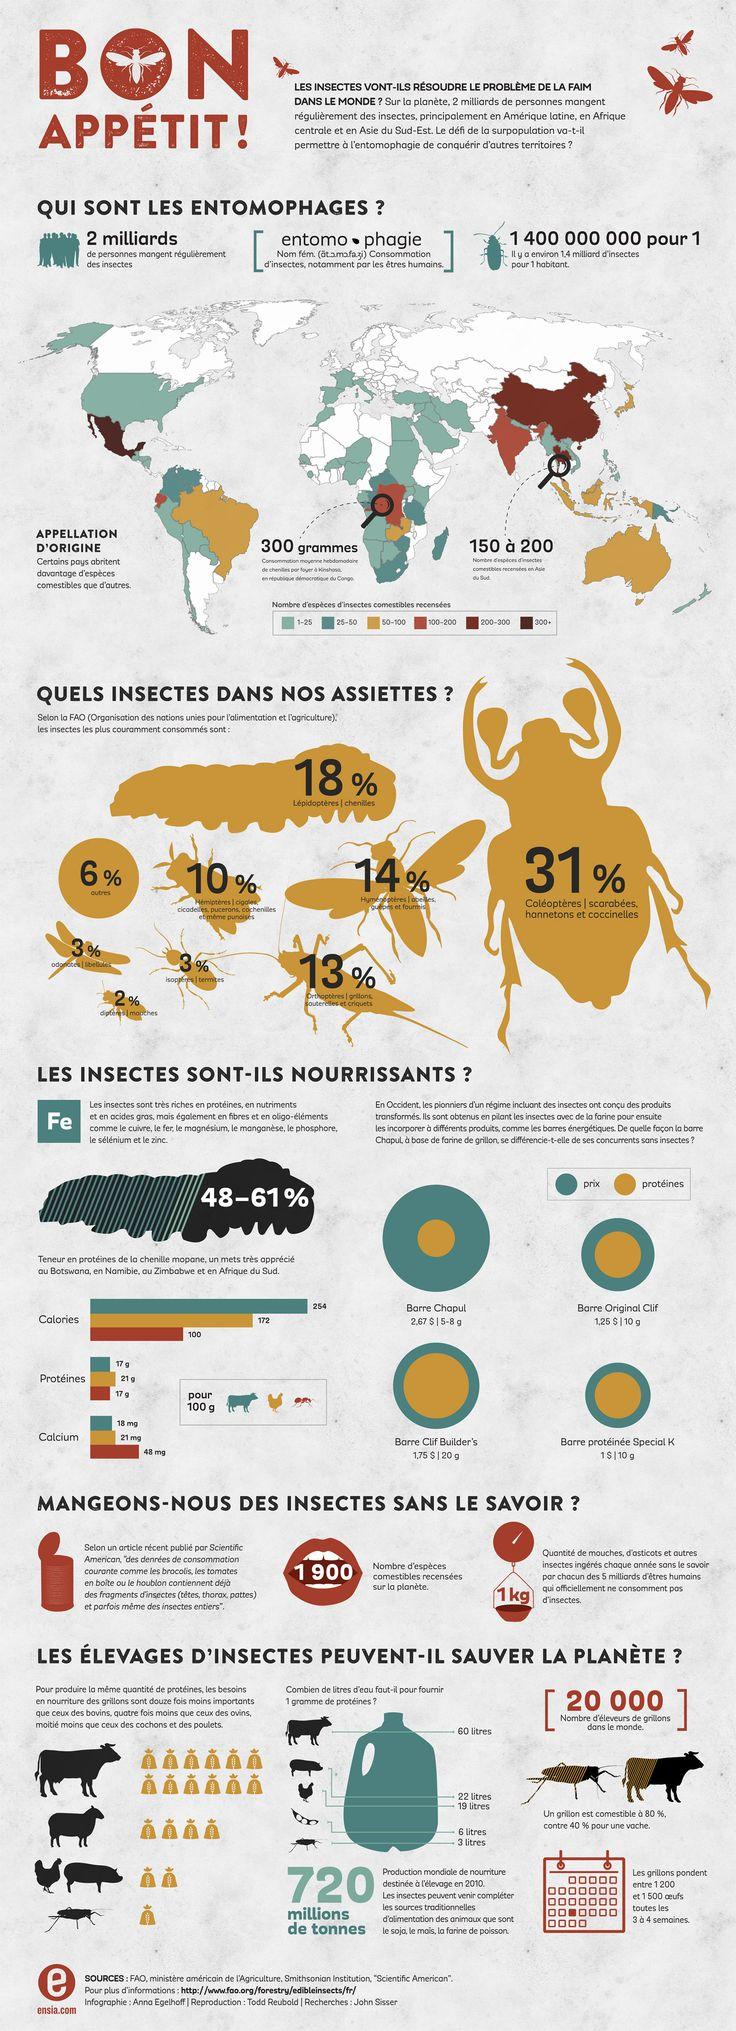 Les insectes peuvent-ils résoudre le problème de la faim dans le monde ?